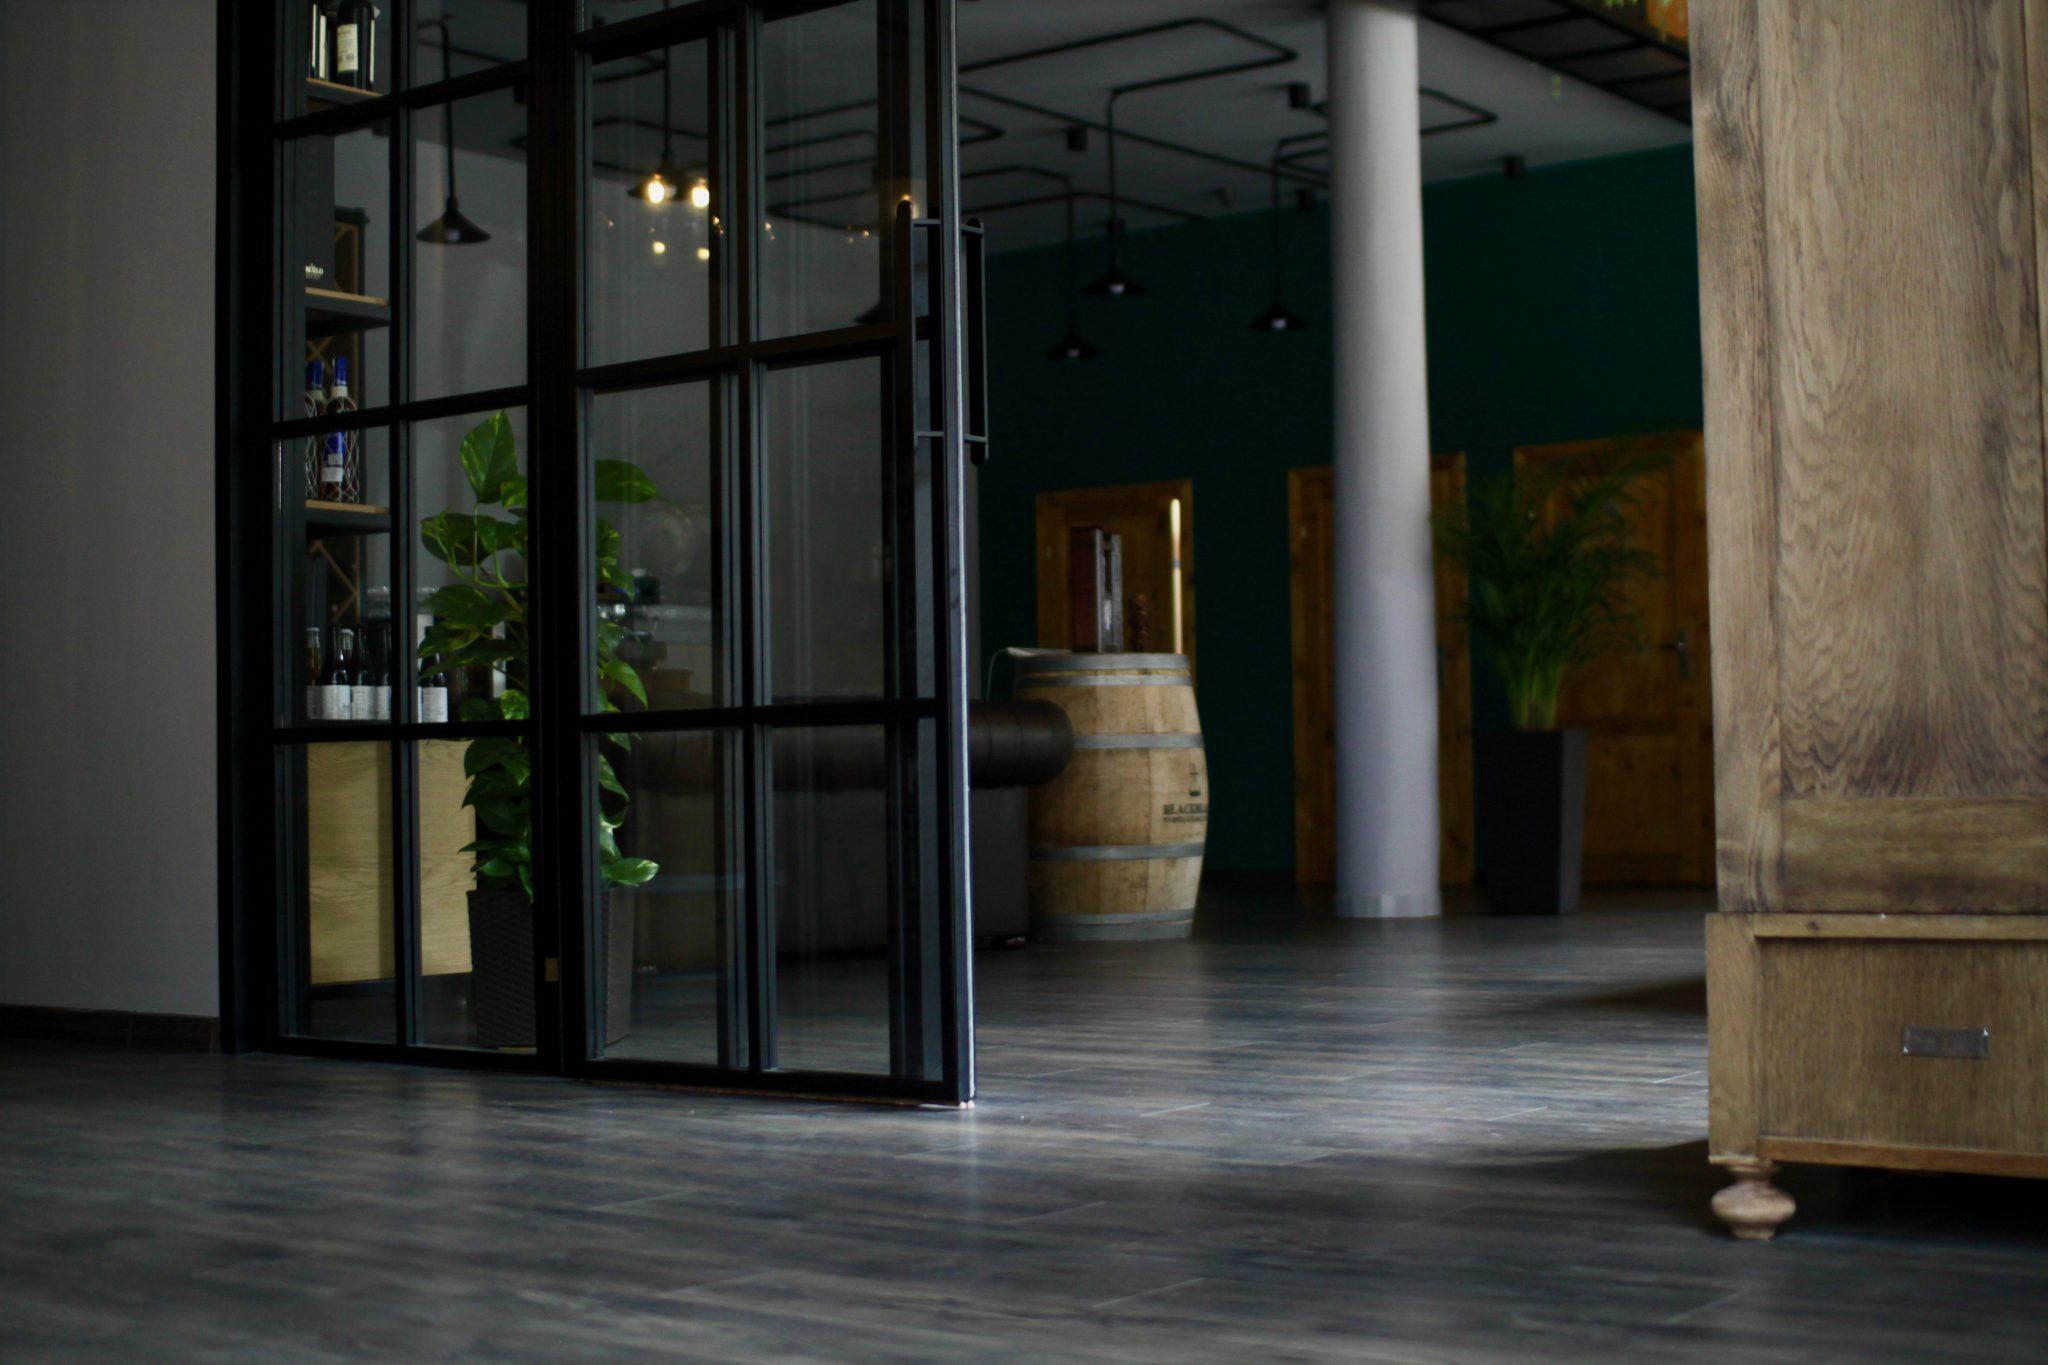 drzwi loftowe ściana loftowa drzwi industrialne ściana szklana drzwi przesuwne